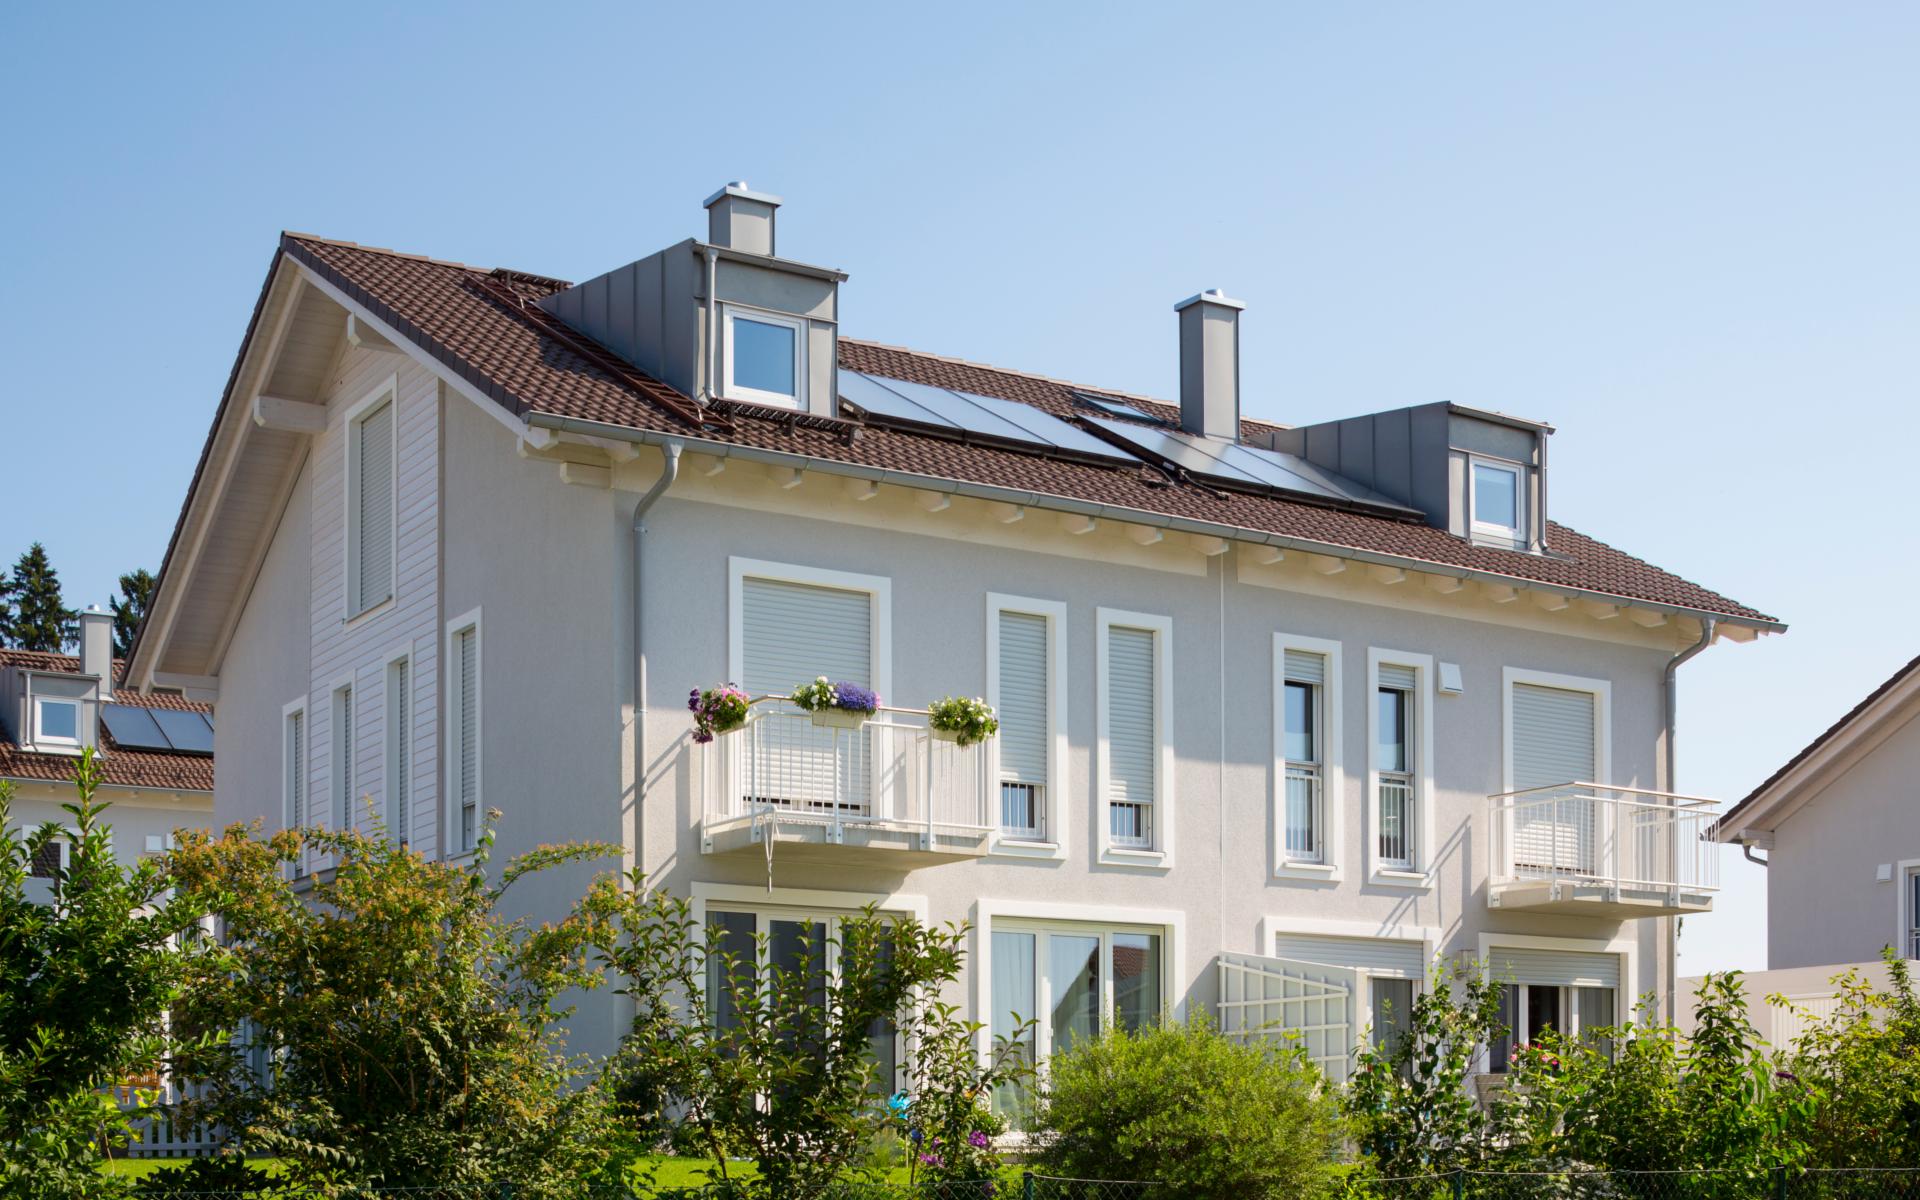 LHOMES_Baierbrunn_Haus_1920x1200